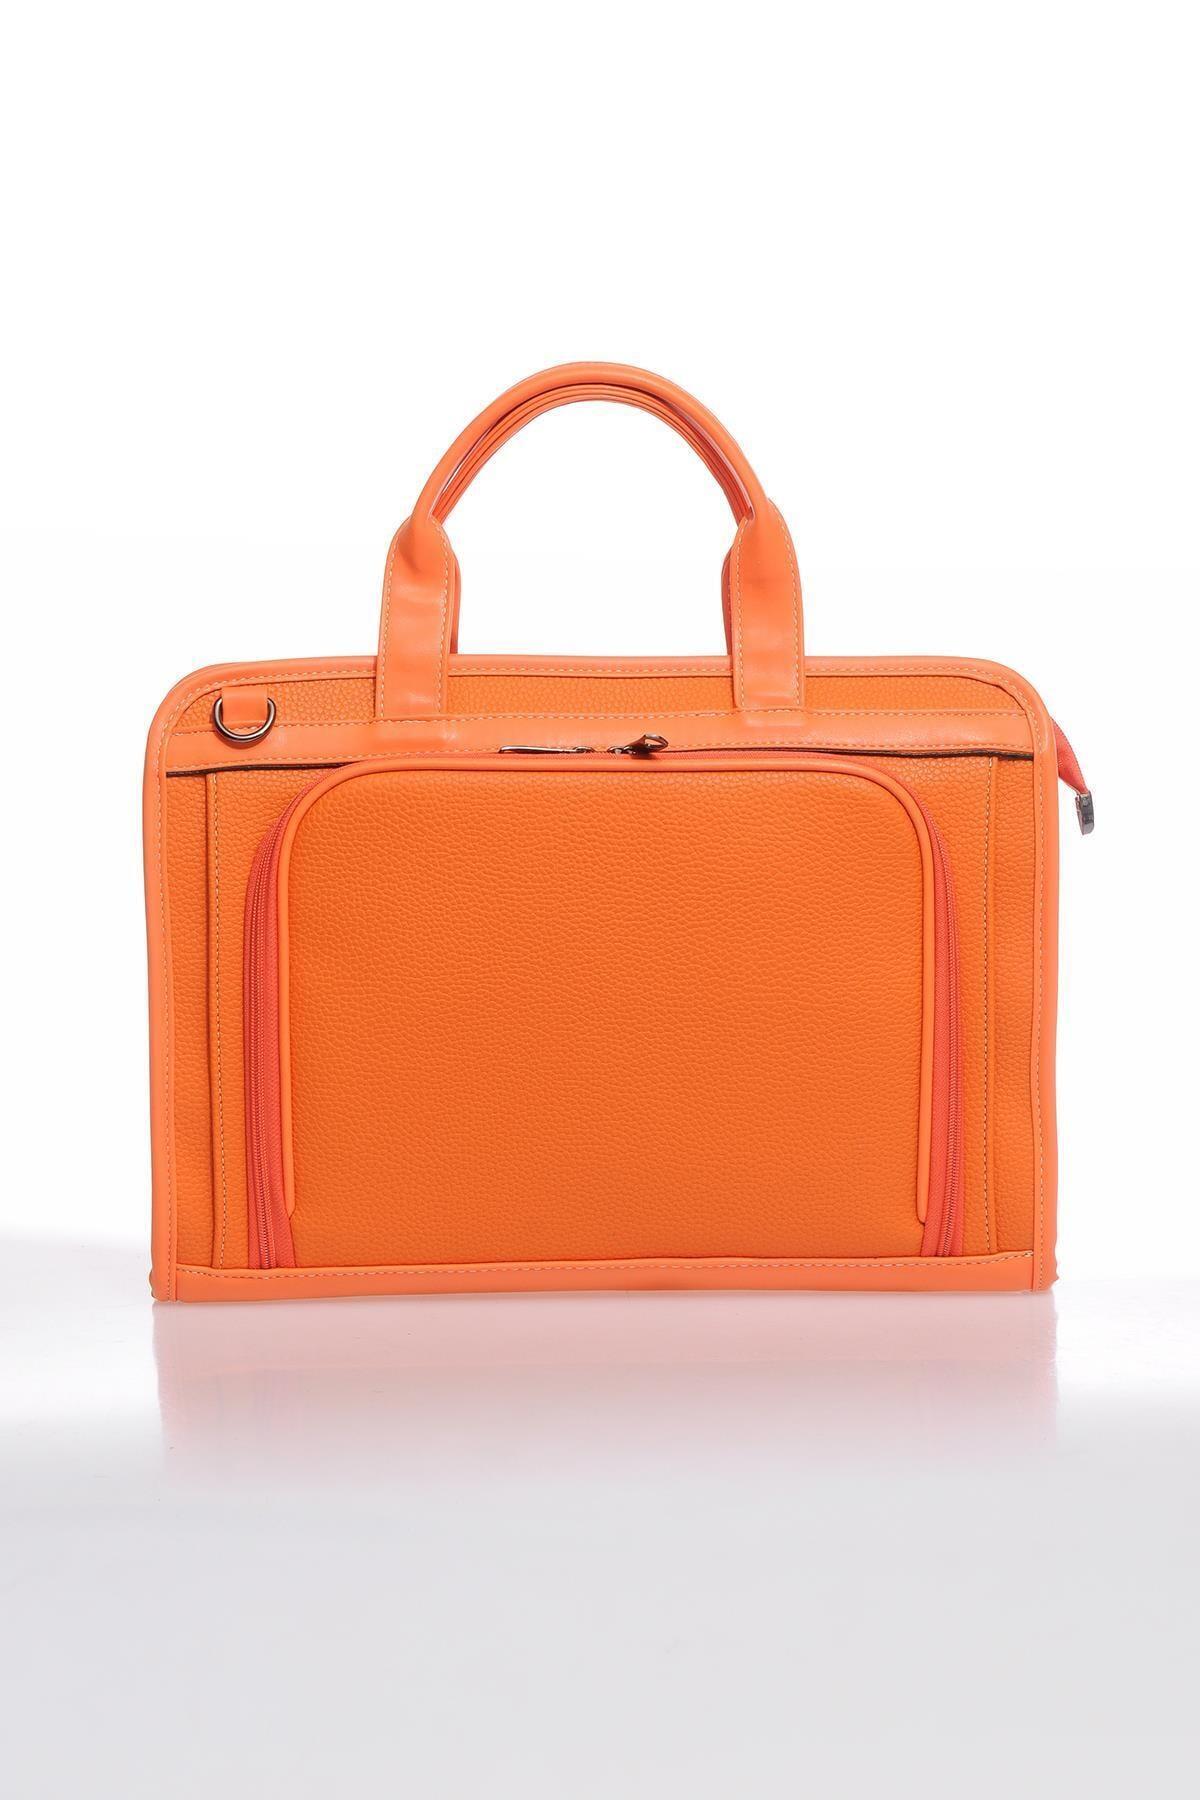 Luxury Sg071219 Belin/turuncu Unisex Evrak Çantası